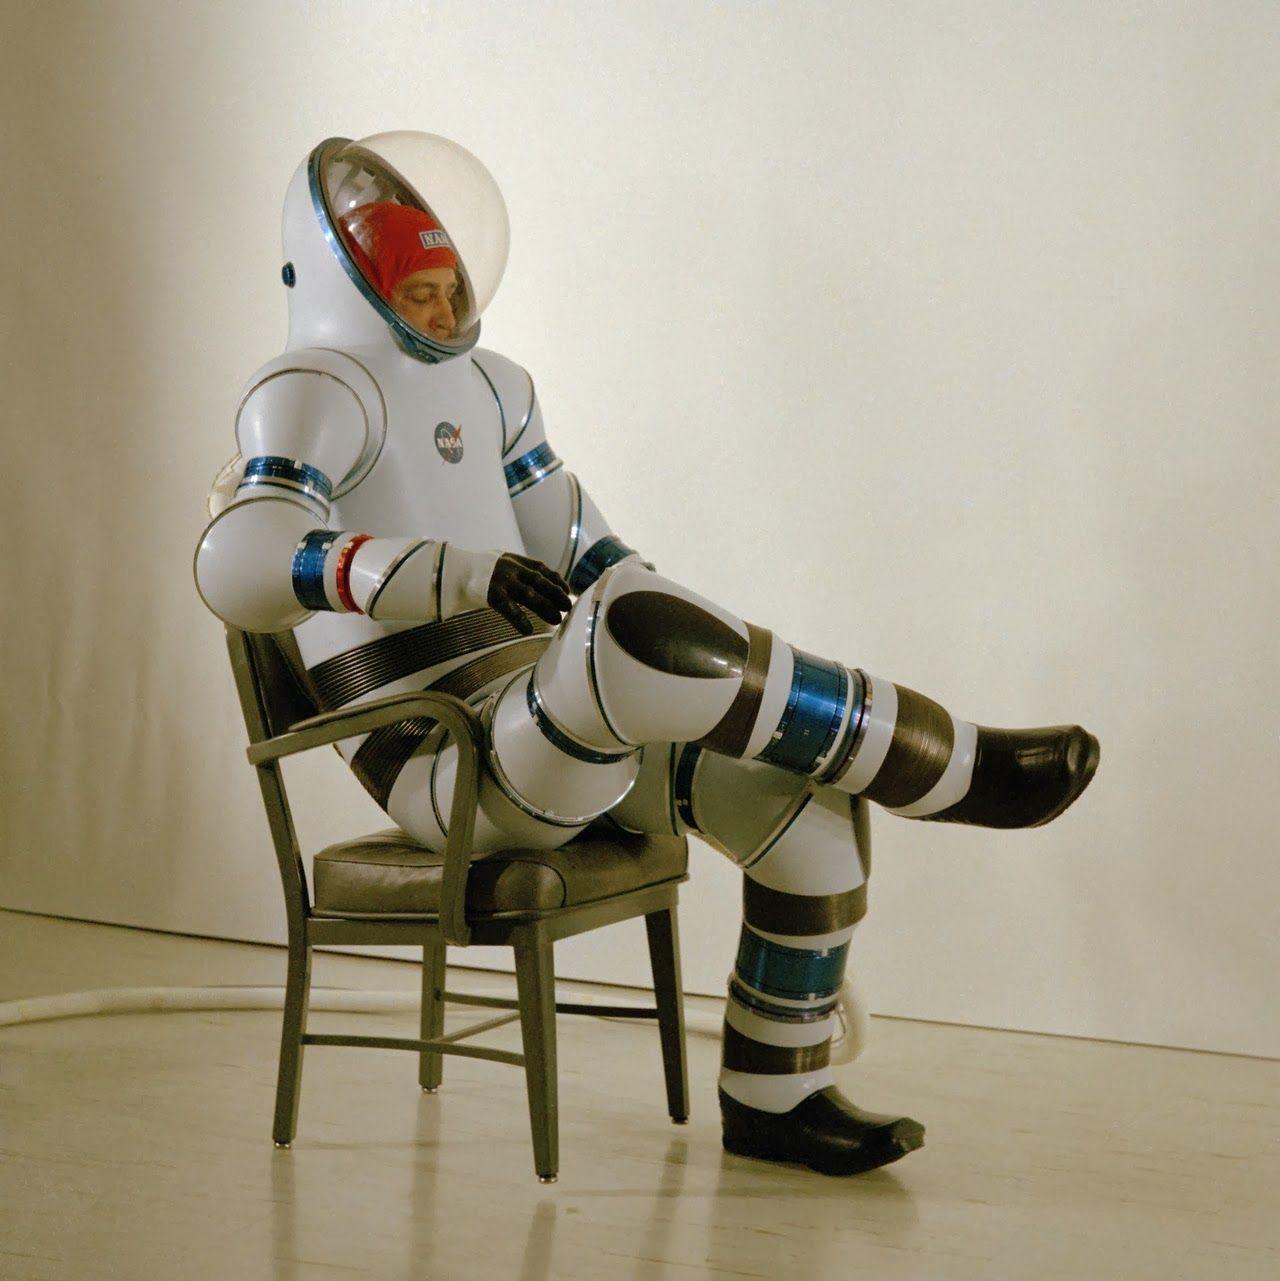 Gentleman Astronaut